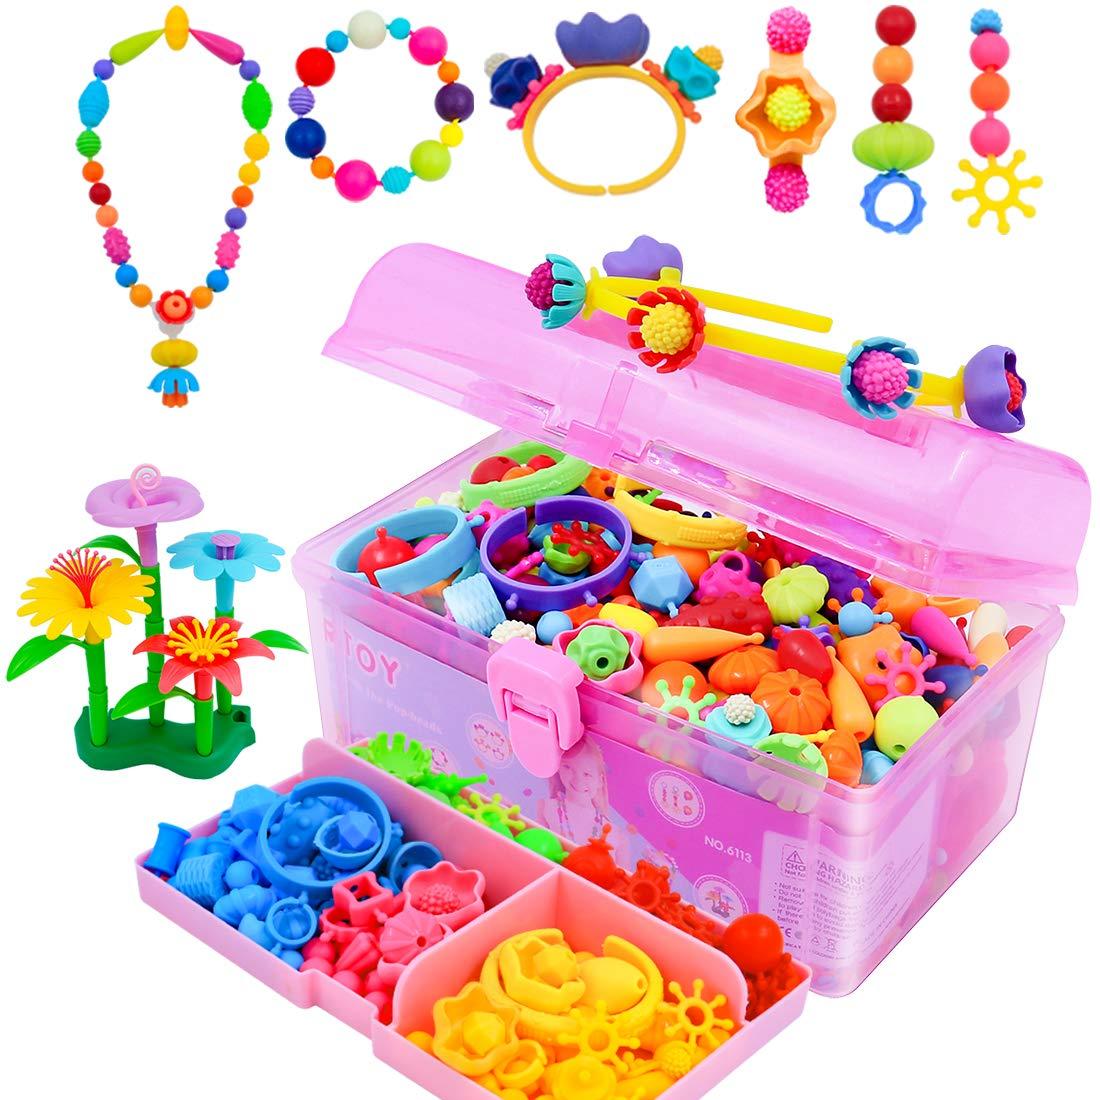 Kids Pop Perles Art /& crafts Kit 650+Pcs À faire soi-même Jewelry Making Kit pour les tout-petits 3 8